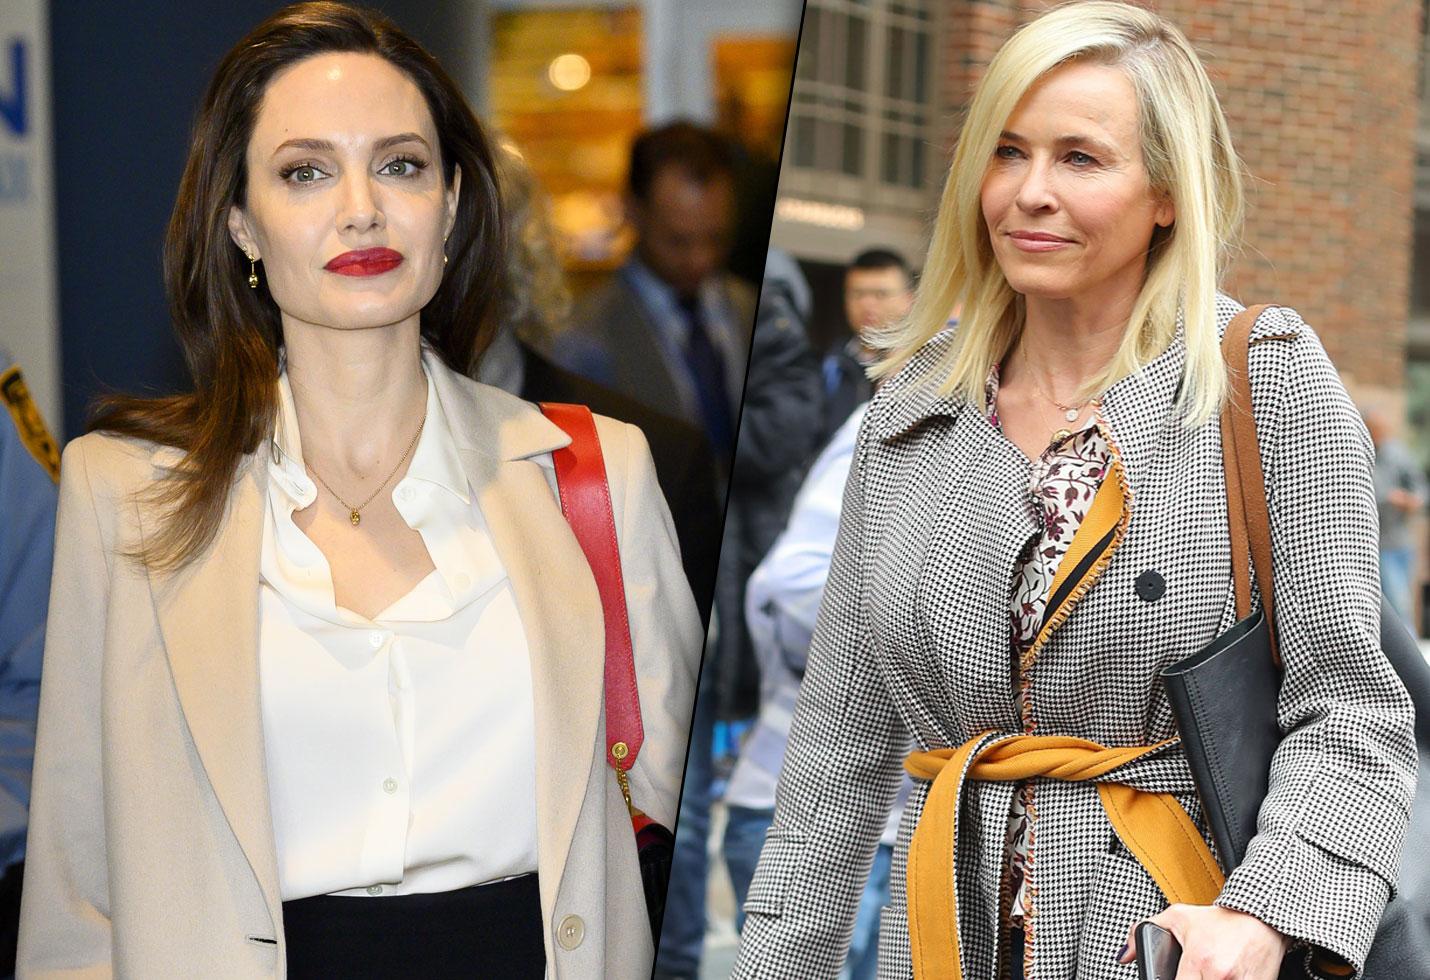 Angelina jolie chelsea handler feud melissa etheridge jennifer aniston